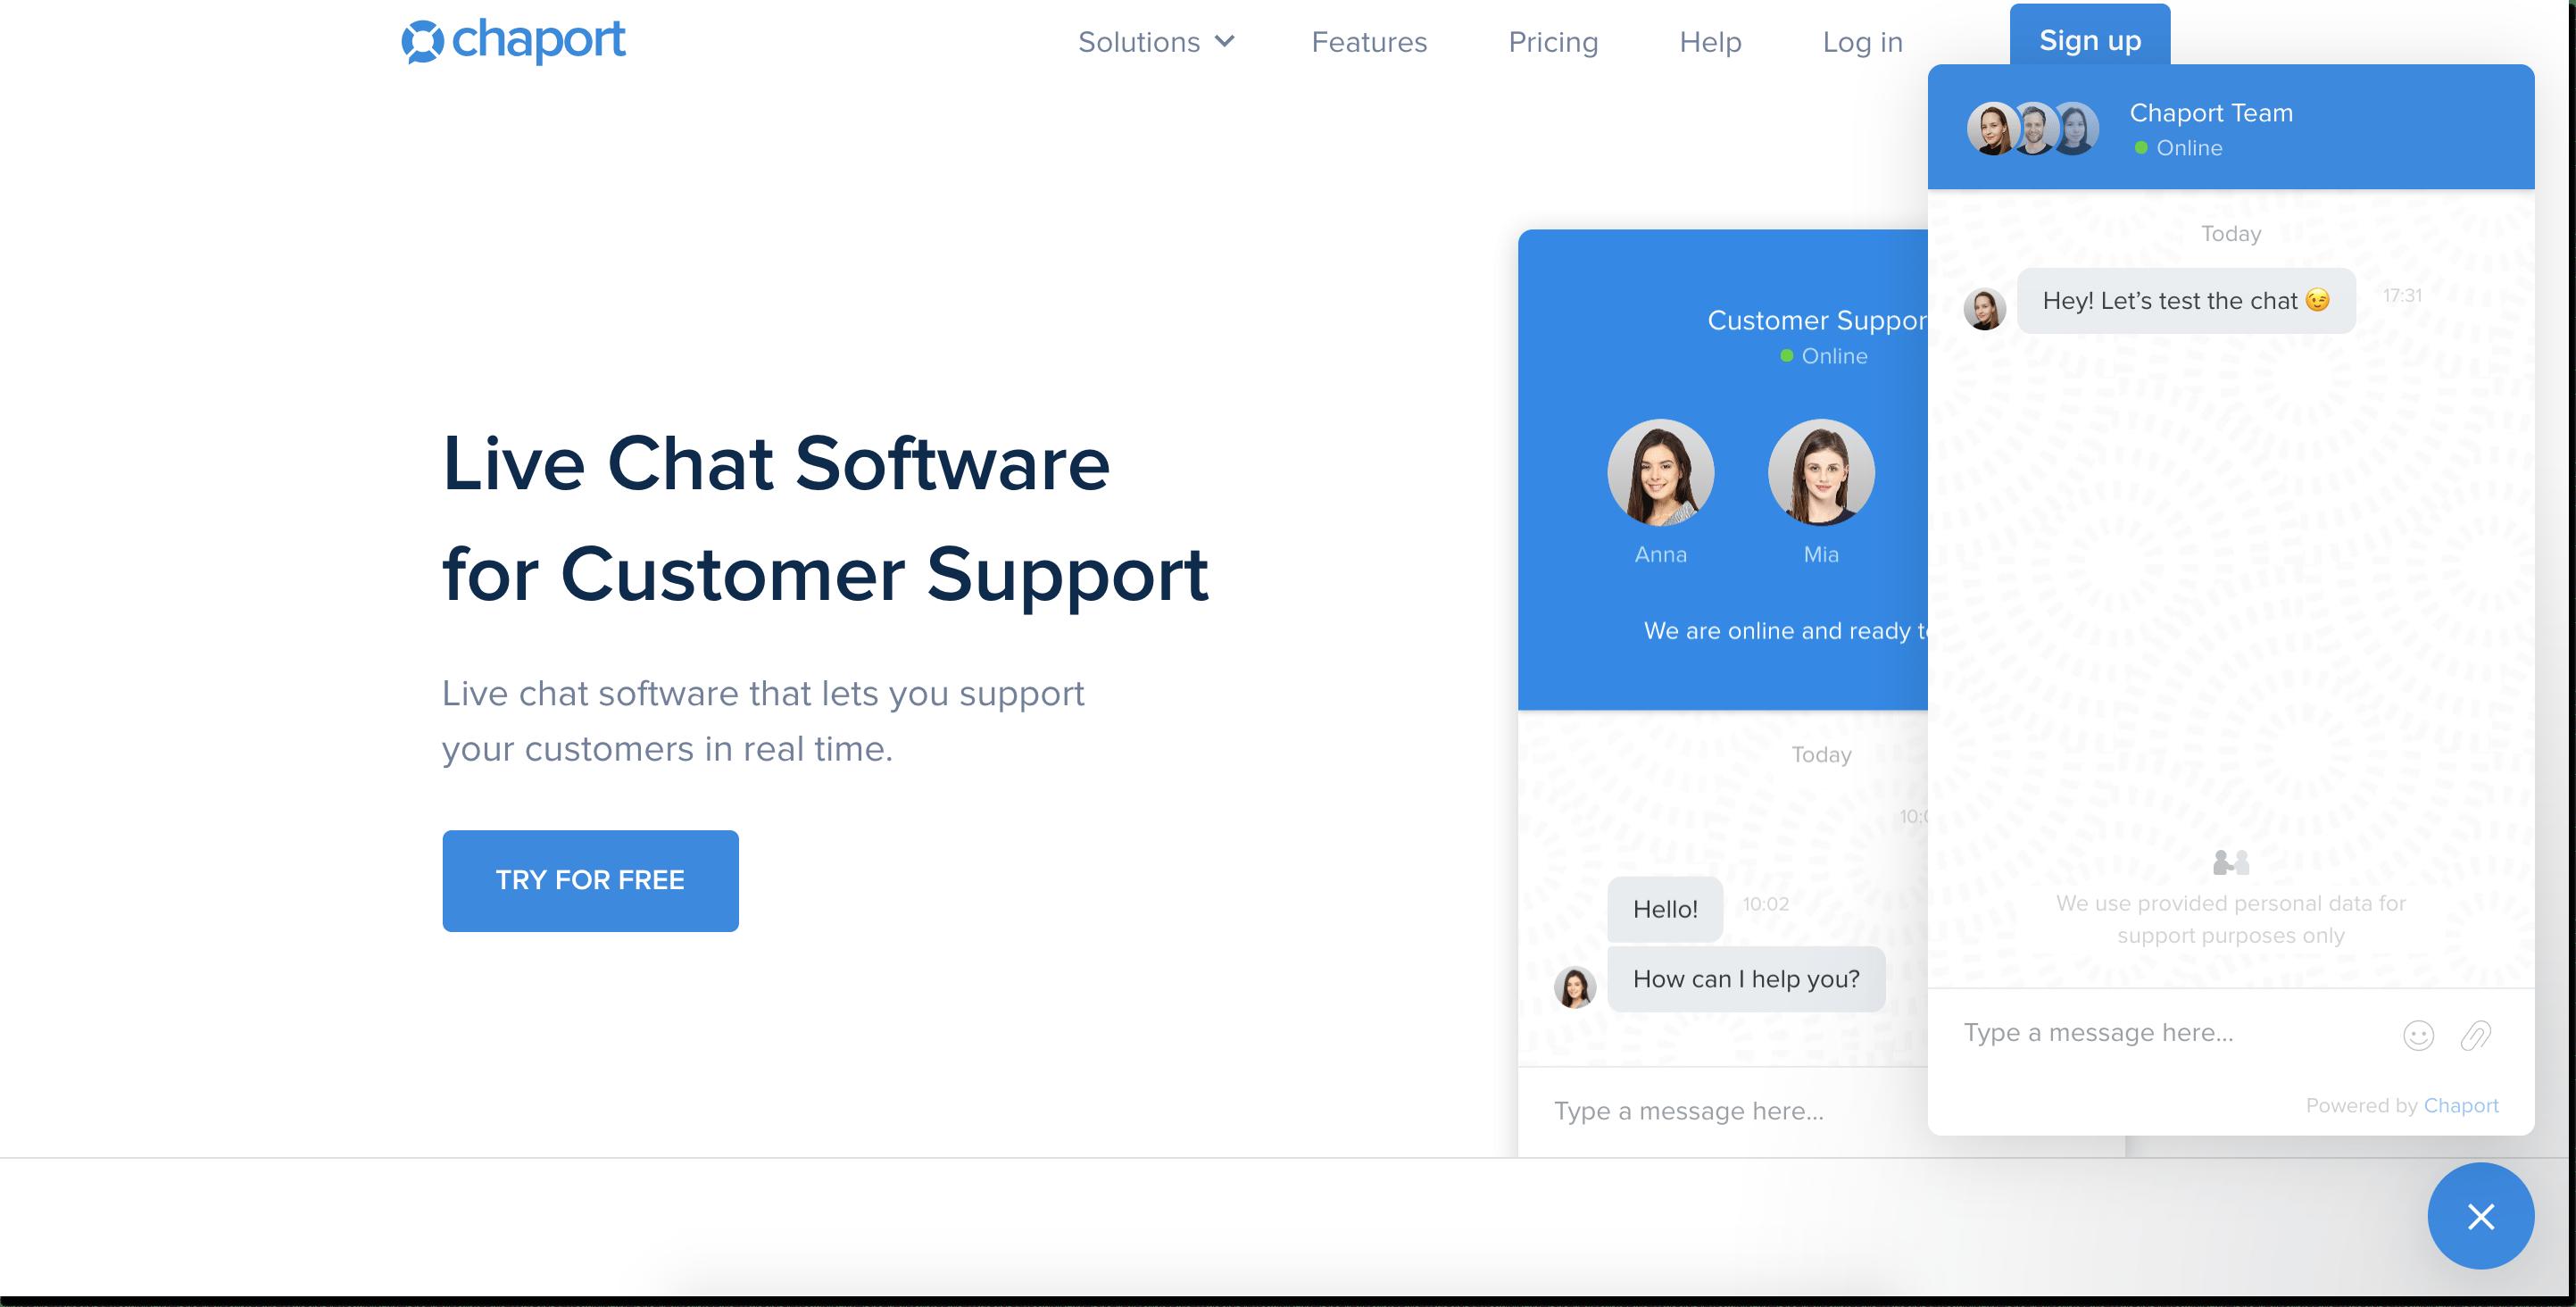 Chaport live chat